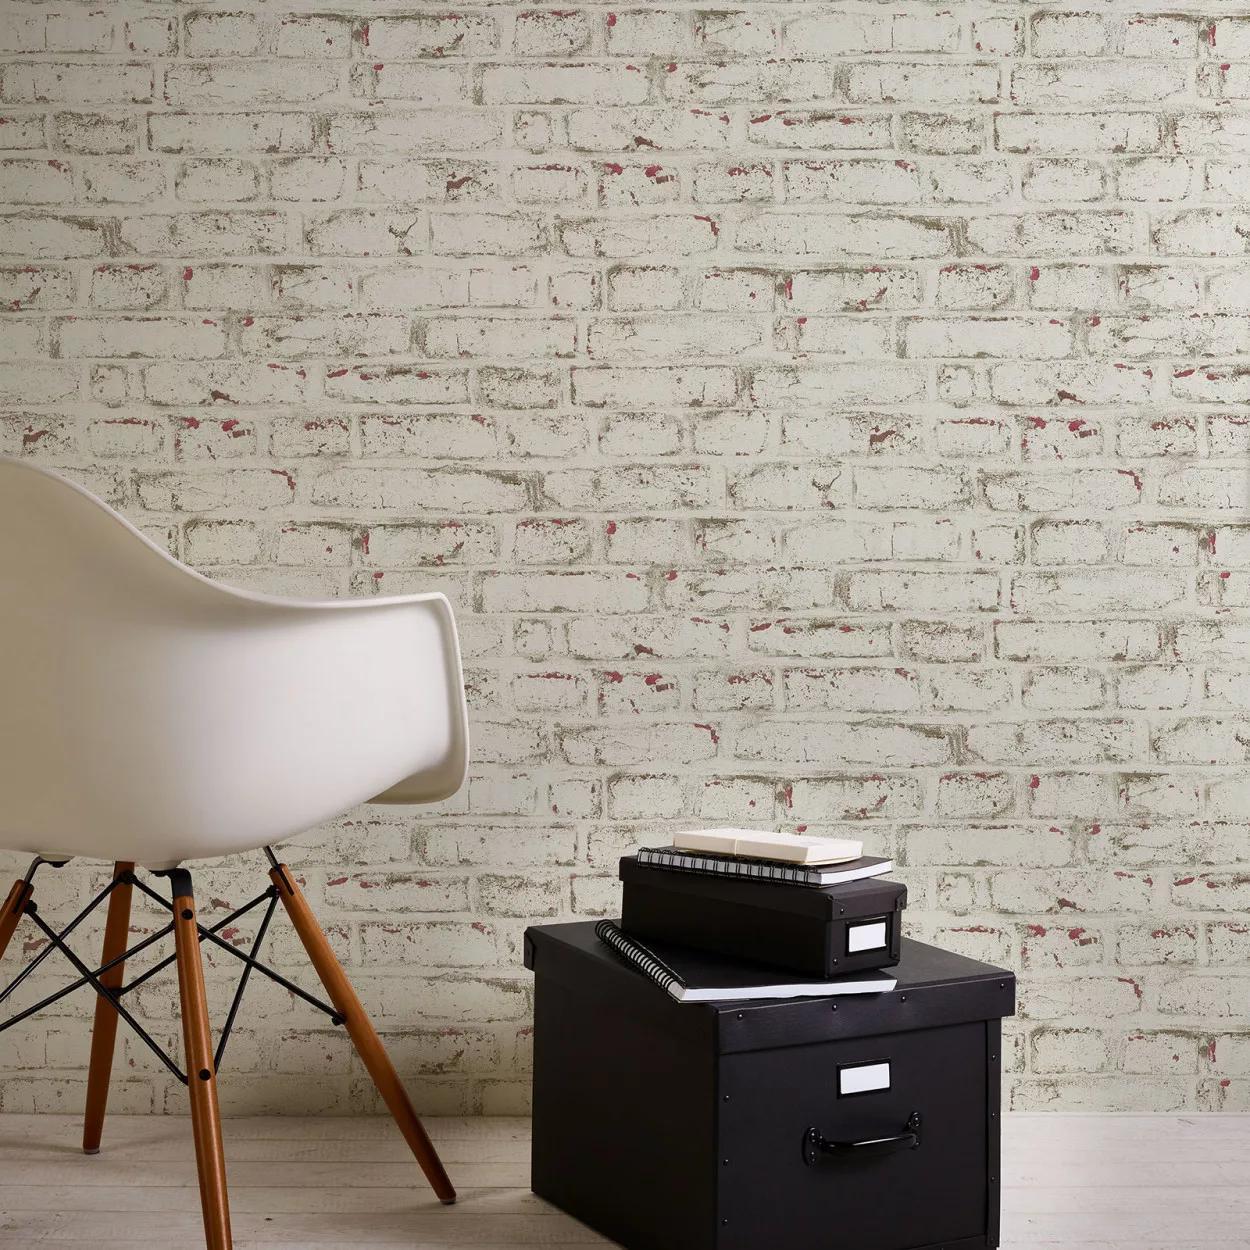 Fehér festett hatású mosható felületű téglamintás tapéta